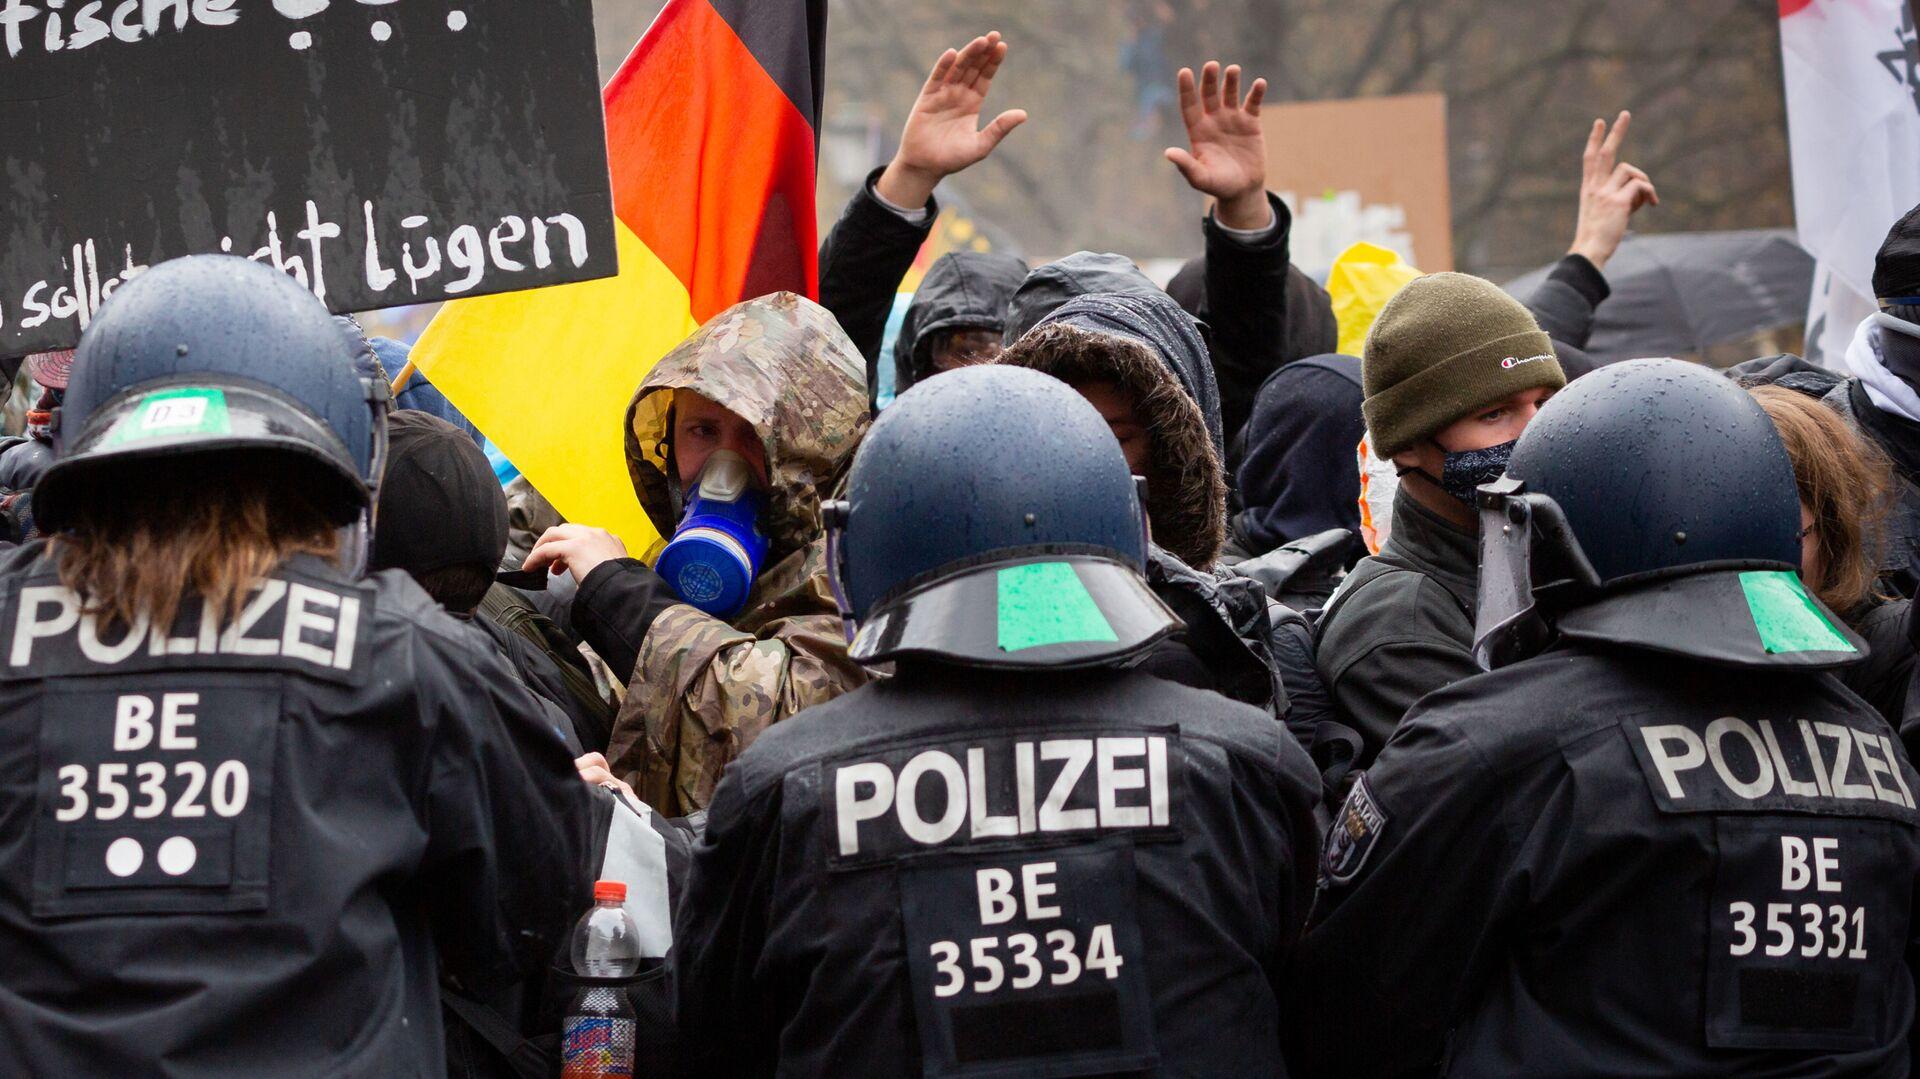 Scontri tra polizia e manifestanti durante le proteste anti-Covid in Germania - Sputnik Italia, 1920, 02.08.2021